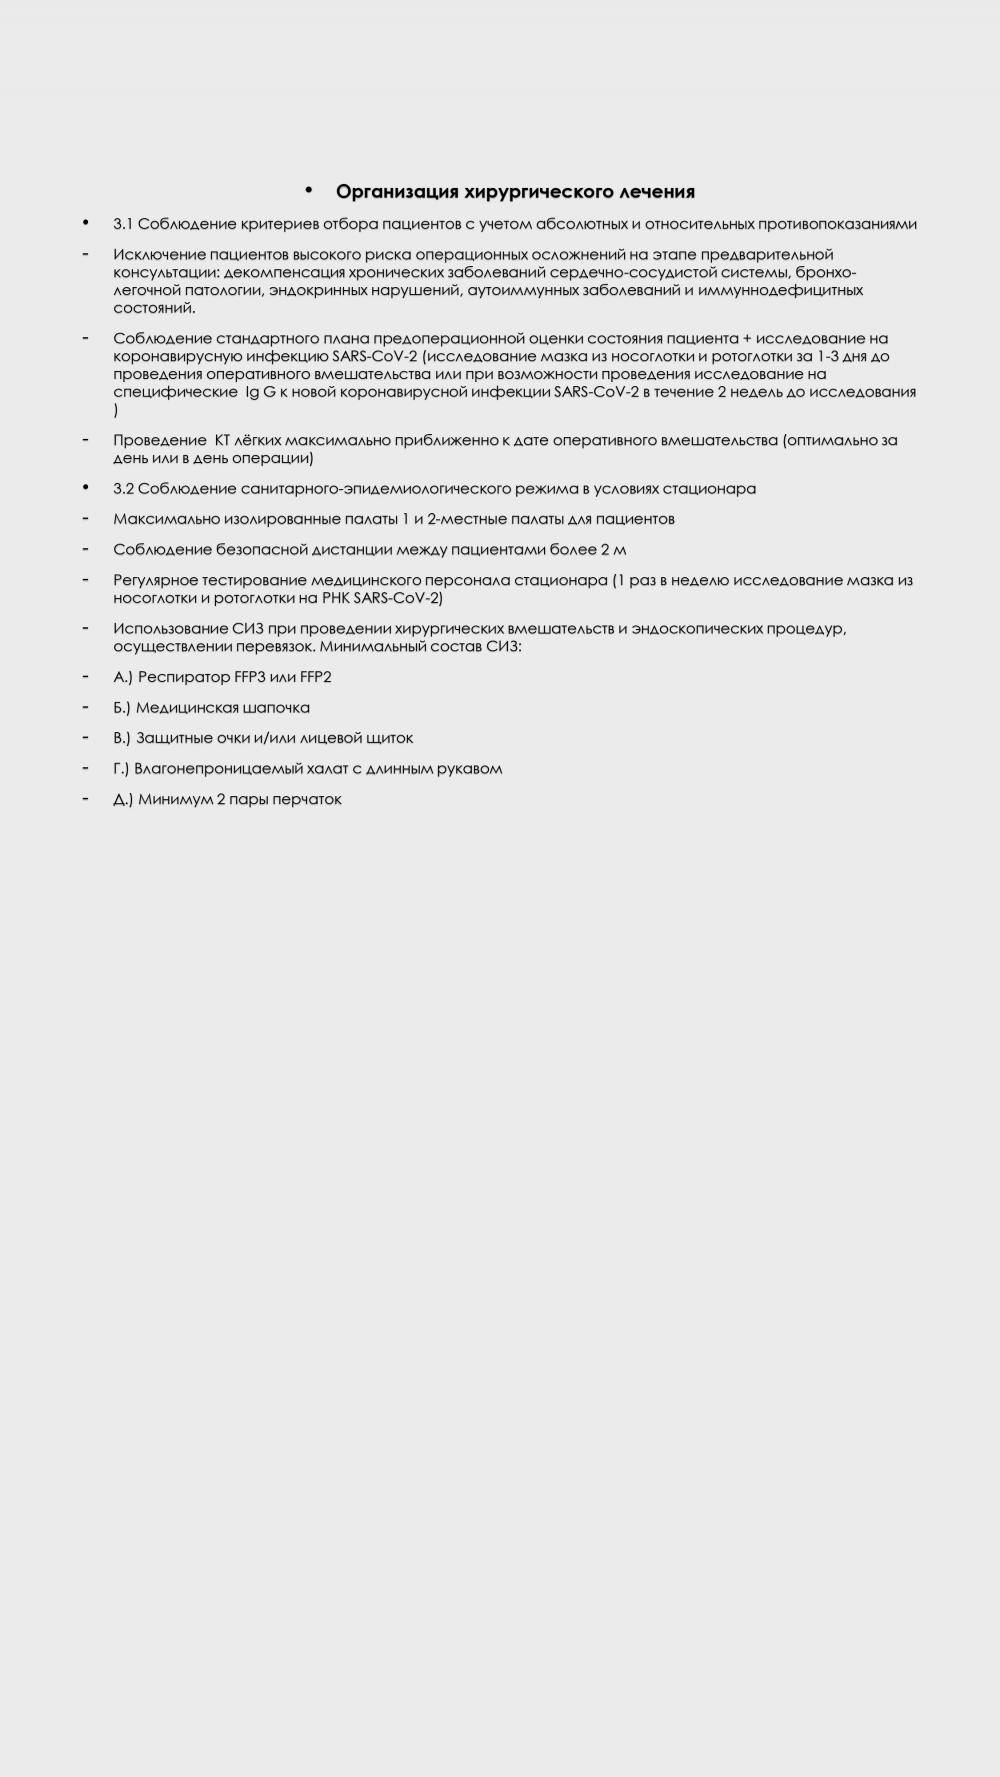 Алгоритм работы клиники пластической хирургии в условиях коронавируса